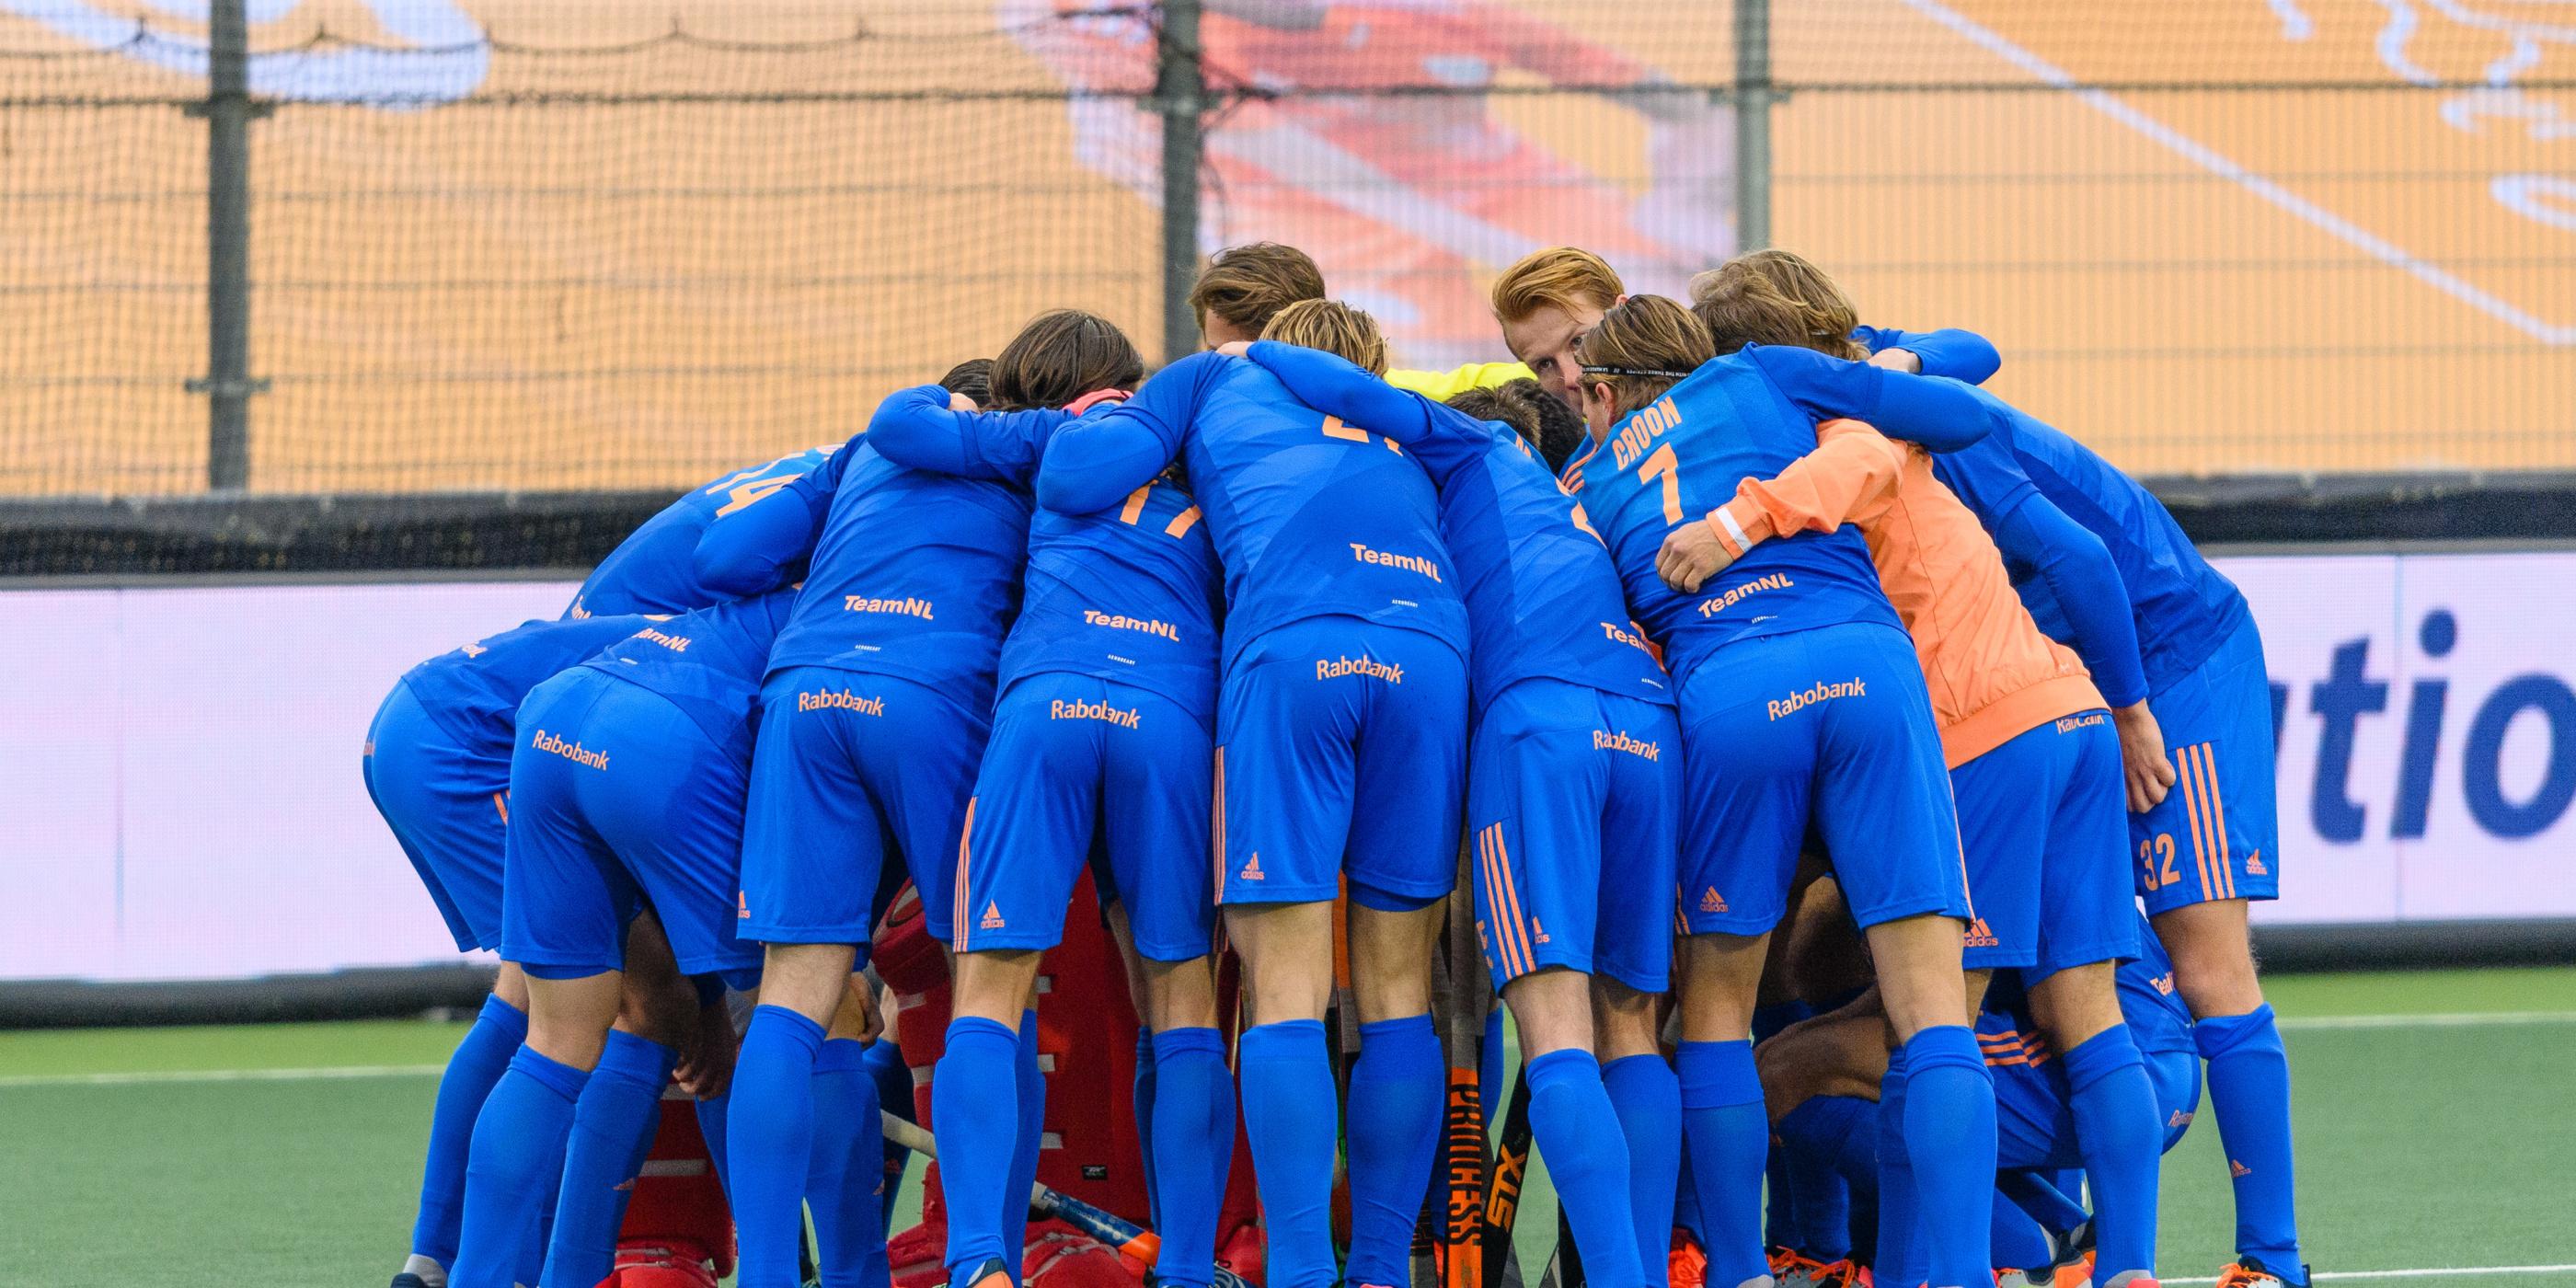 FIH stelt Pro League wedstrijden tegen Nieuw-Zeeland en Australië uit